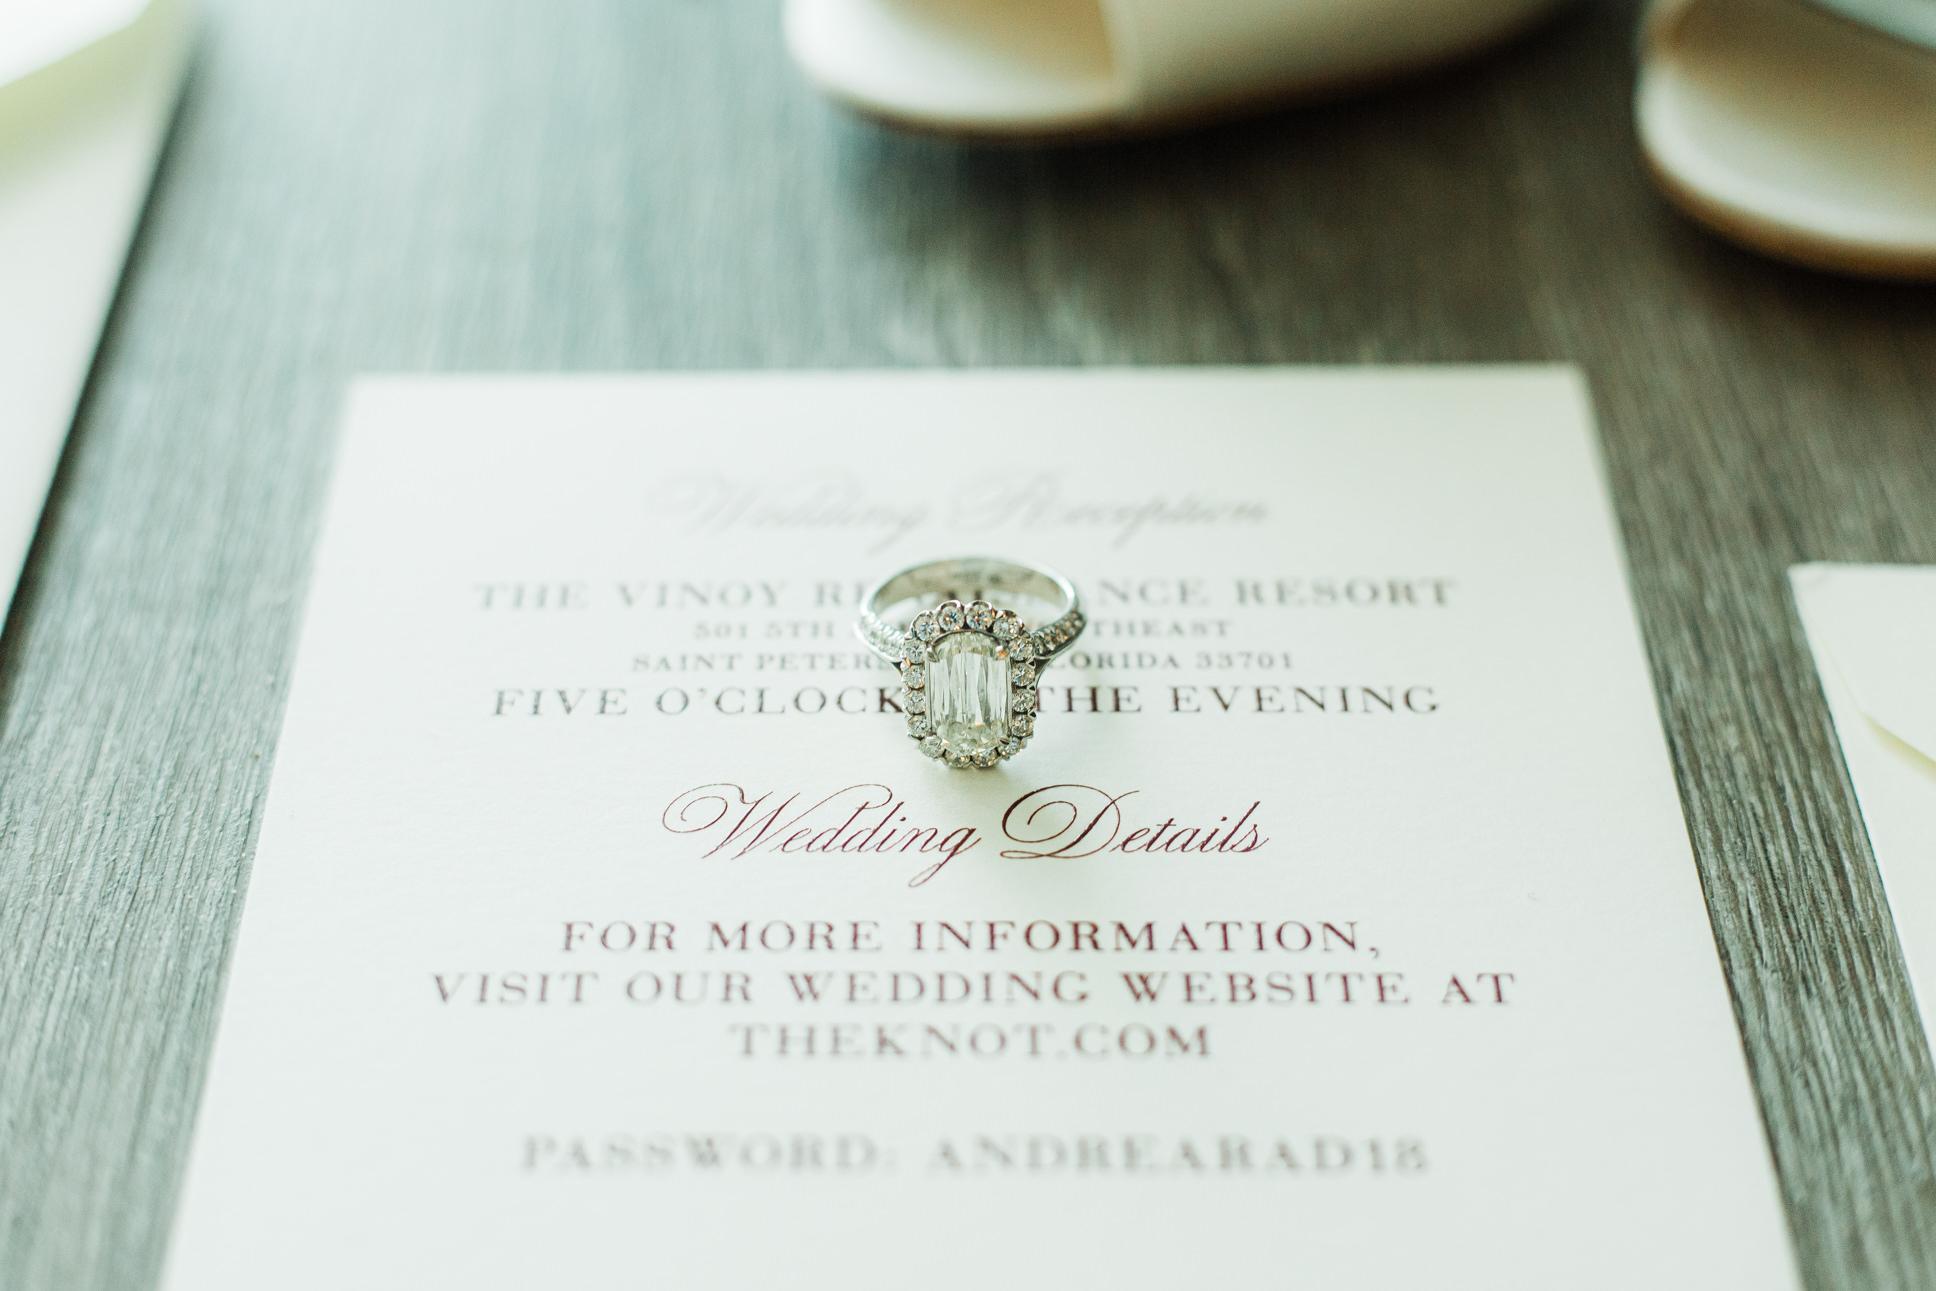 Cushion Cut Halo Engagement Diamond Ring on White and Red Wedding Invitation   Tampa Bay Wedding Stationery UBRANcoast